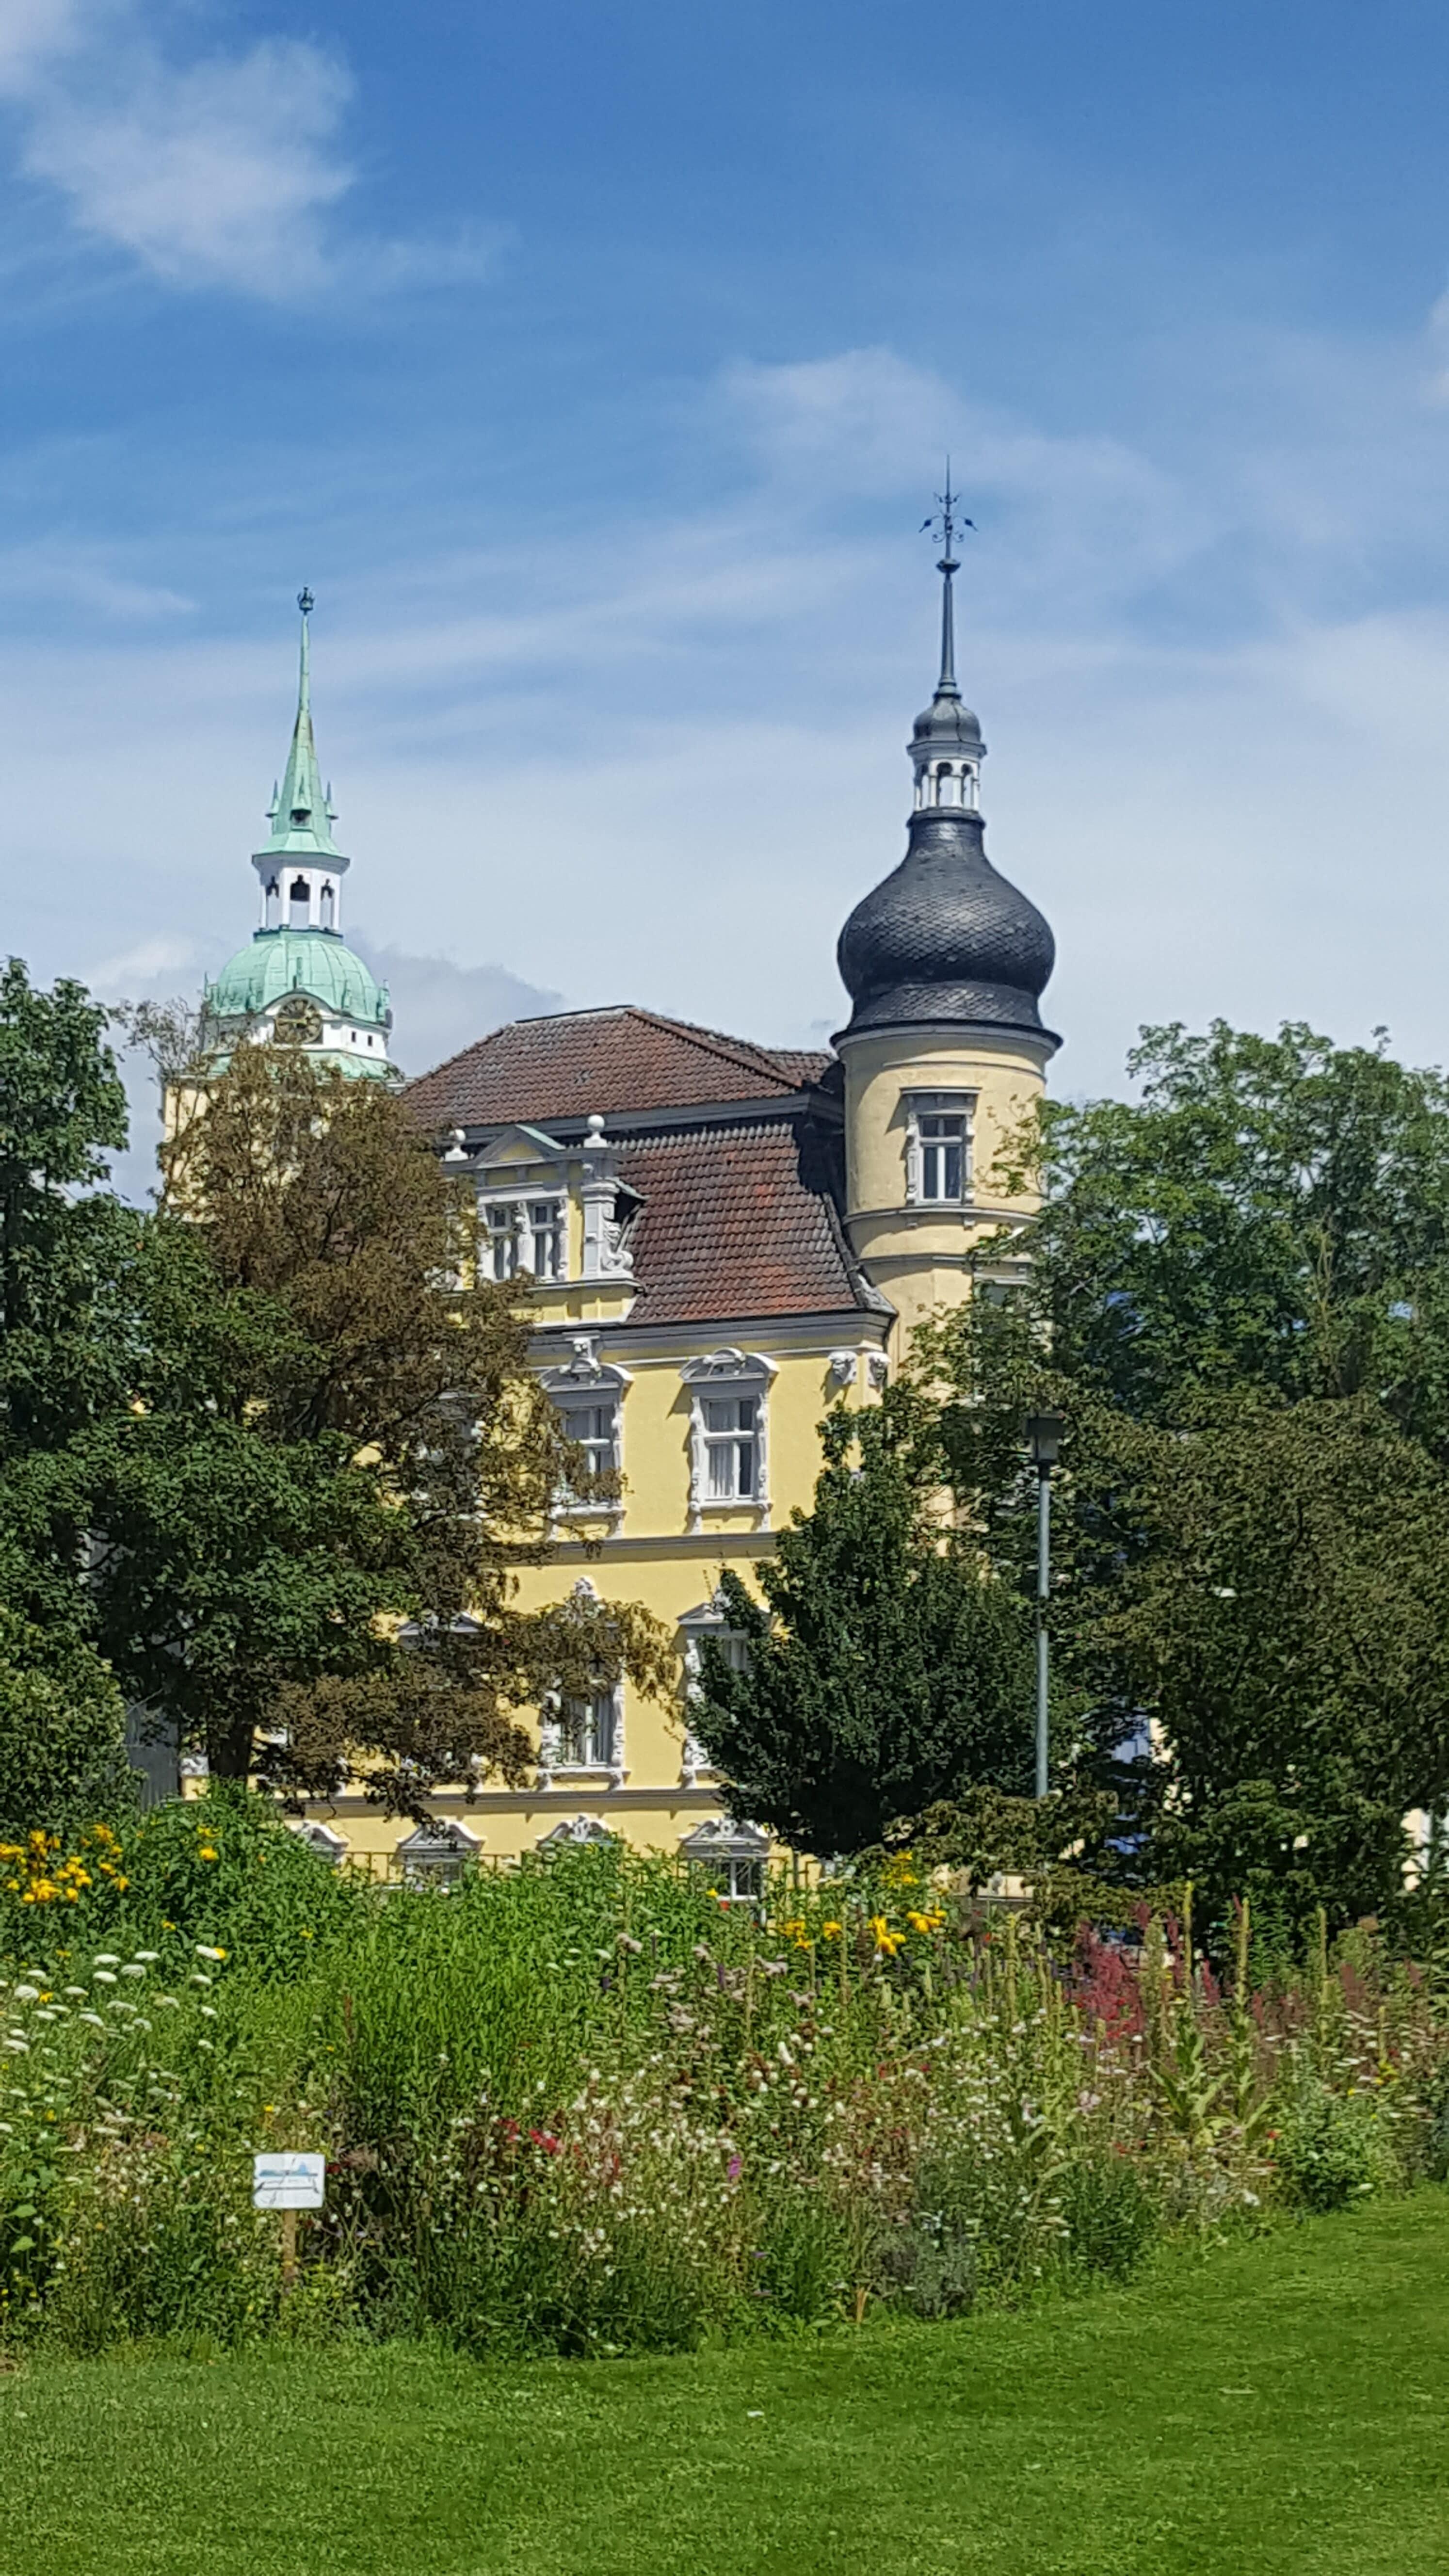 Oldenburger Schloss